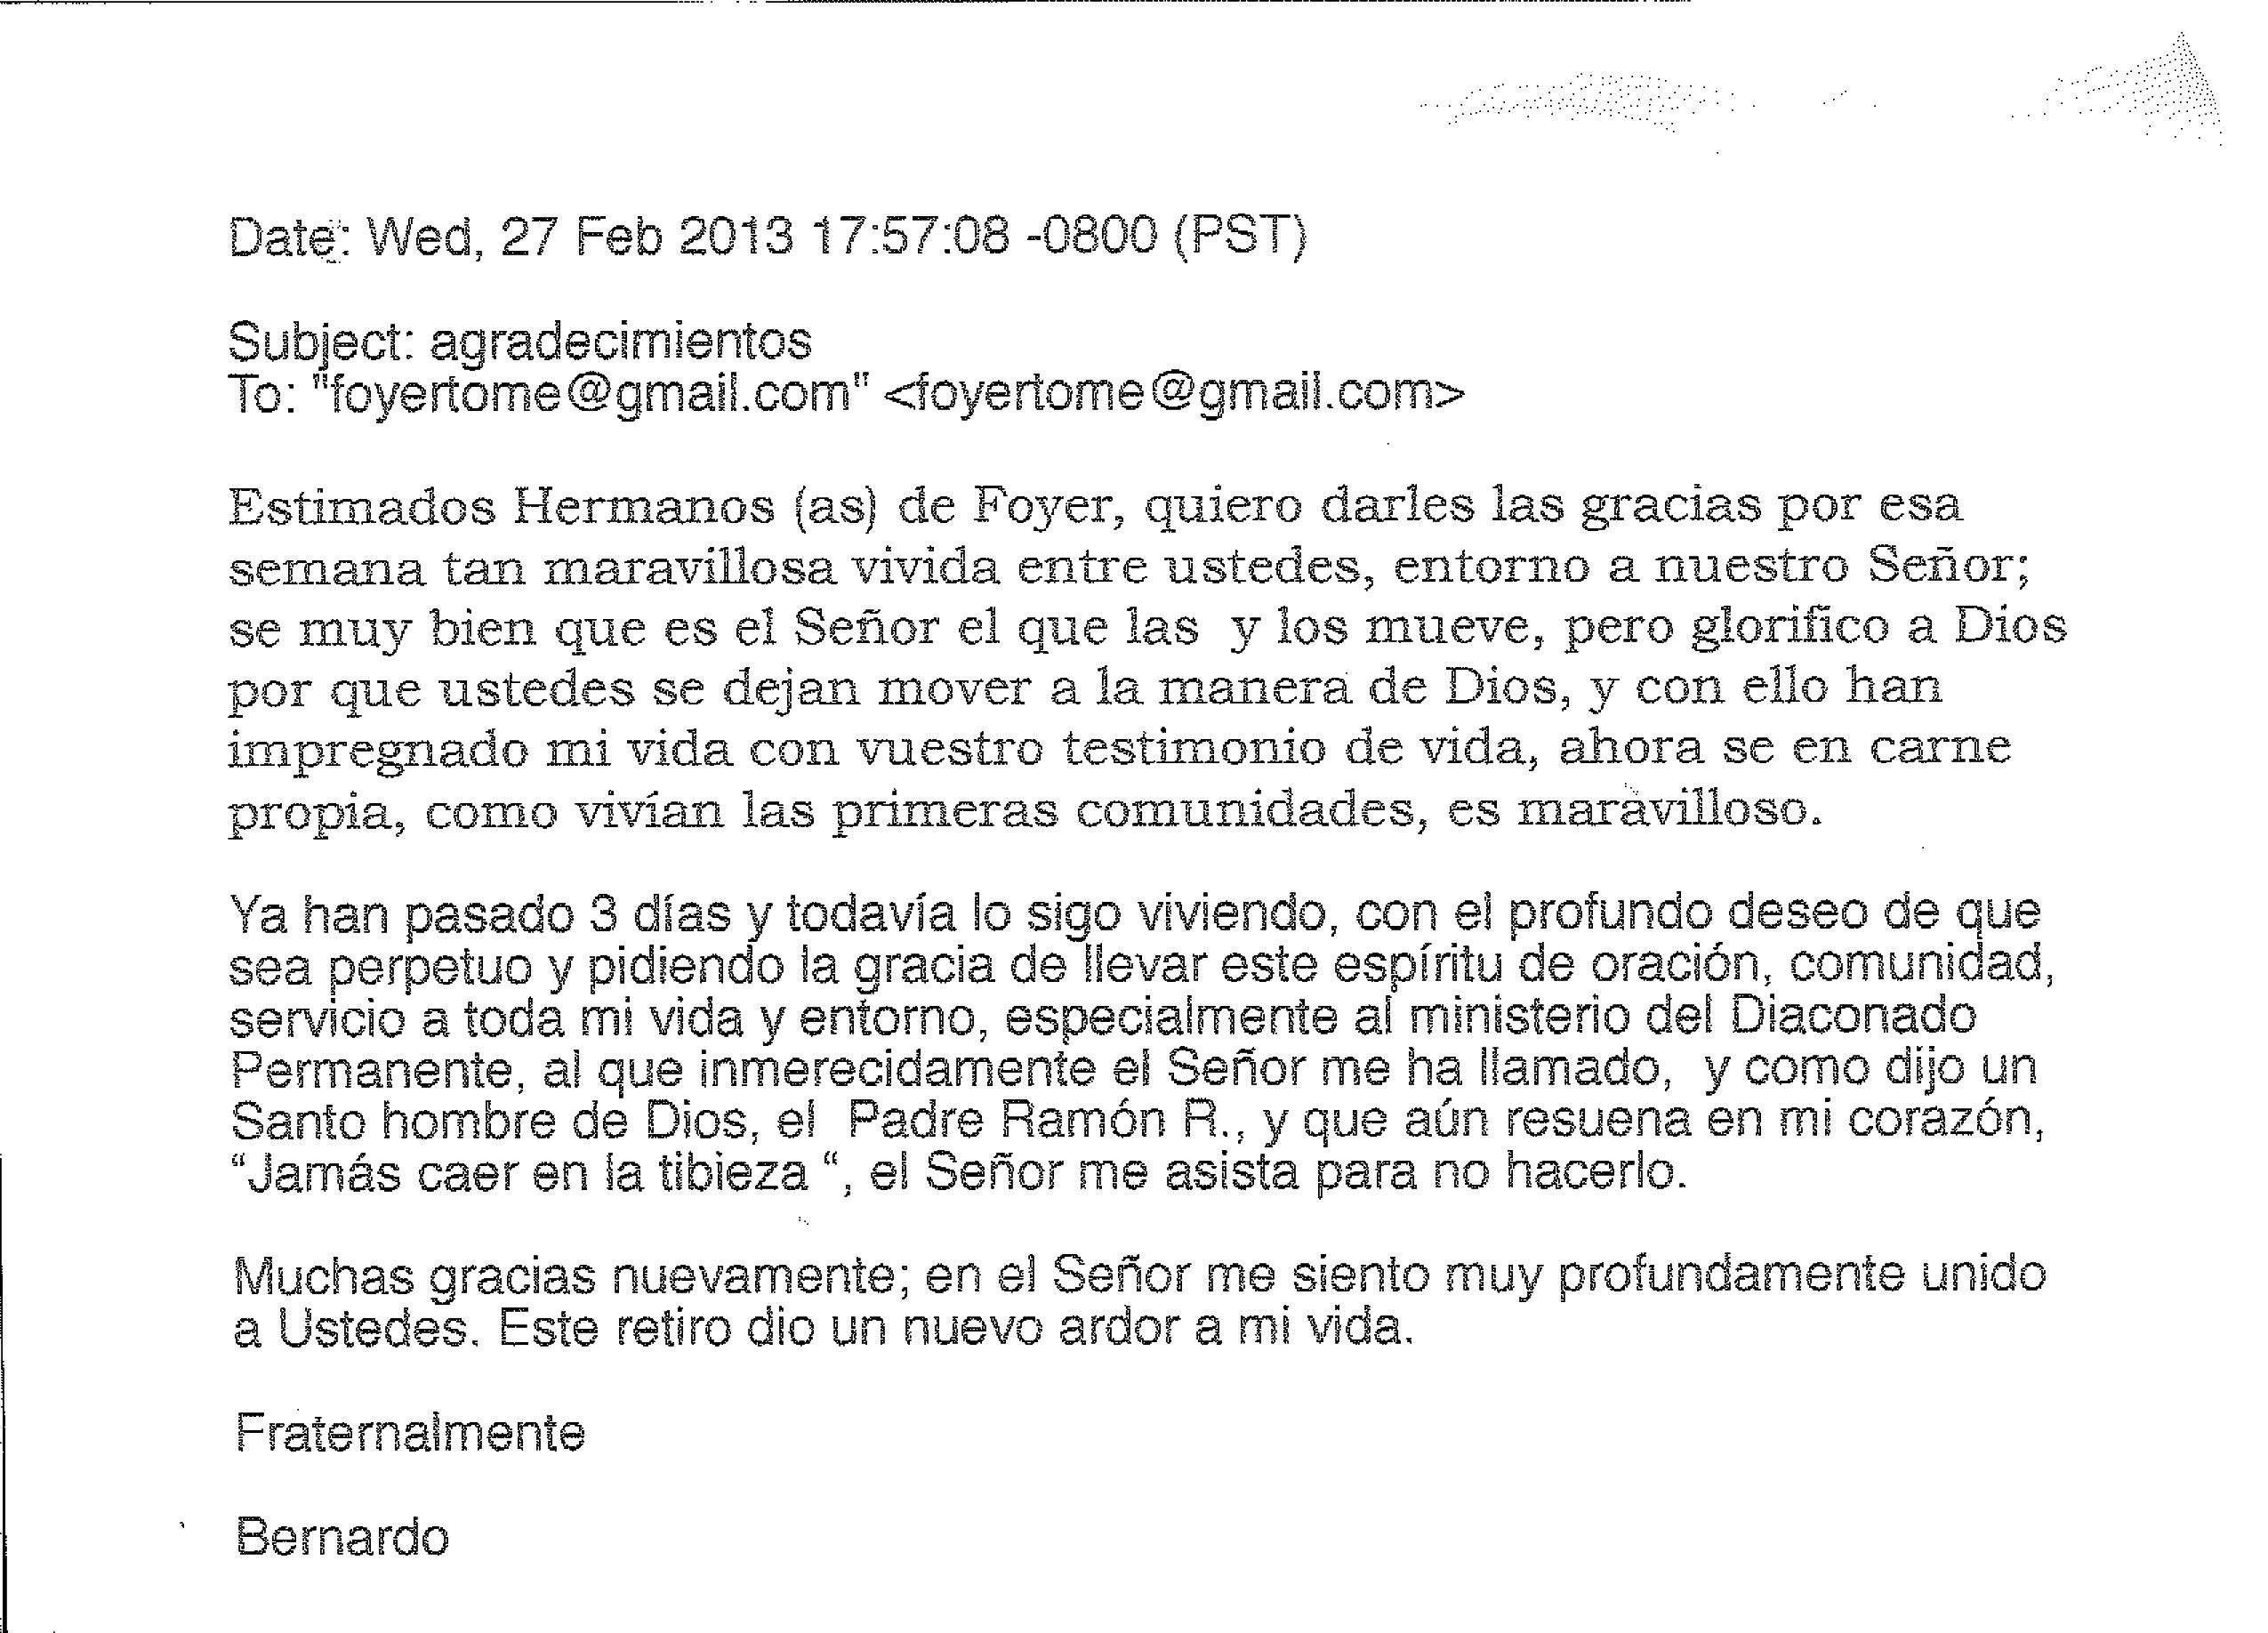 8a Bernardo fax